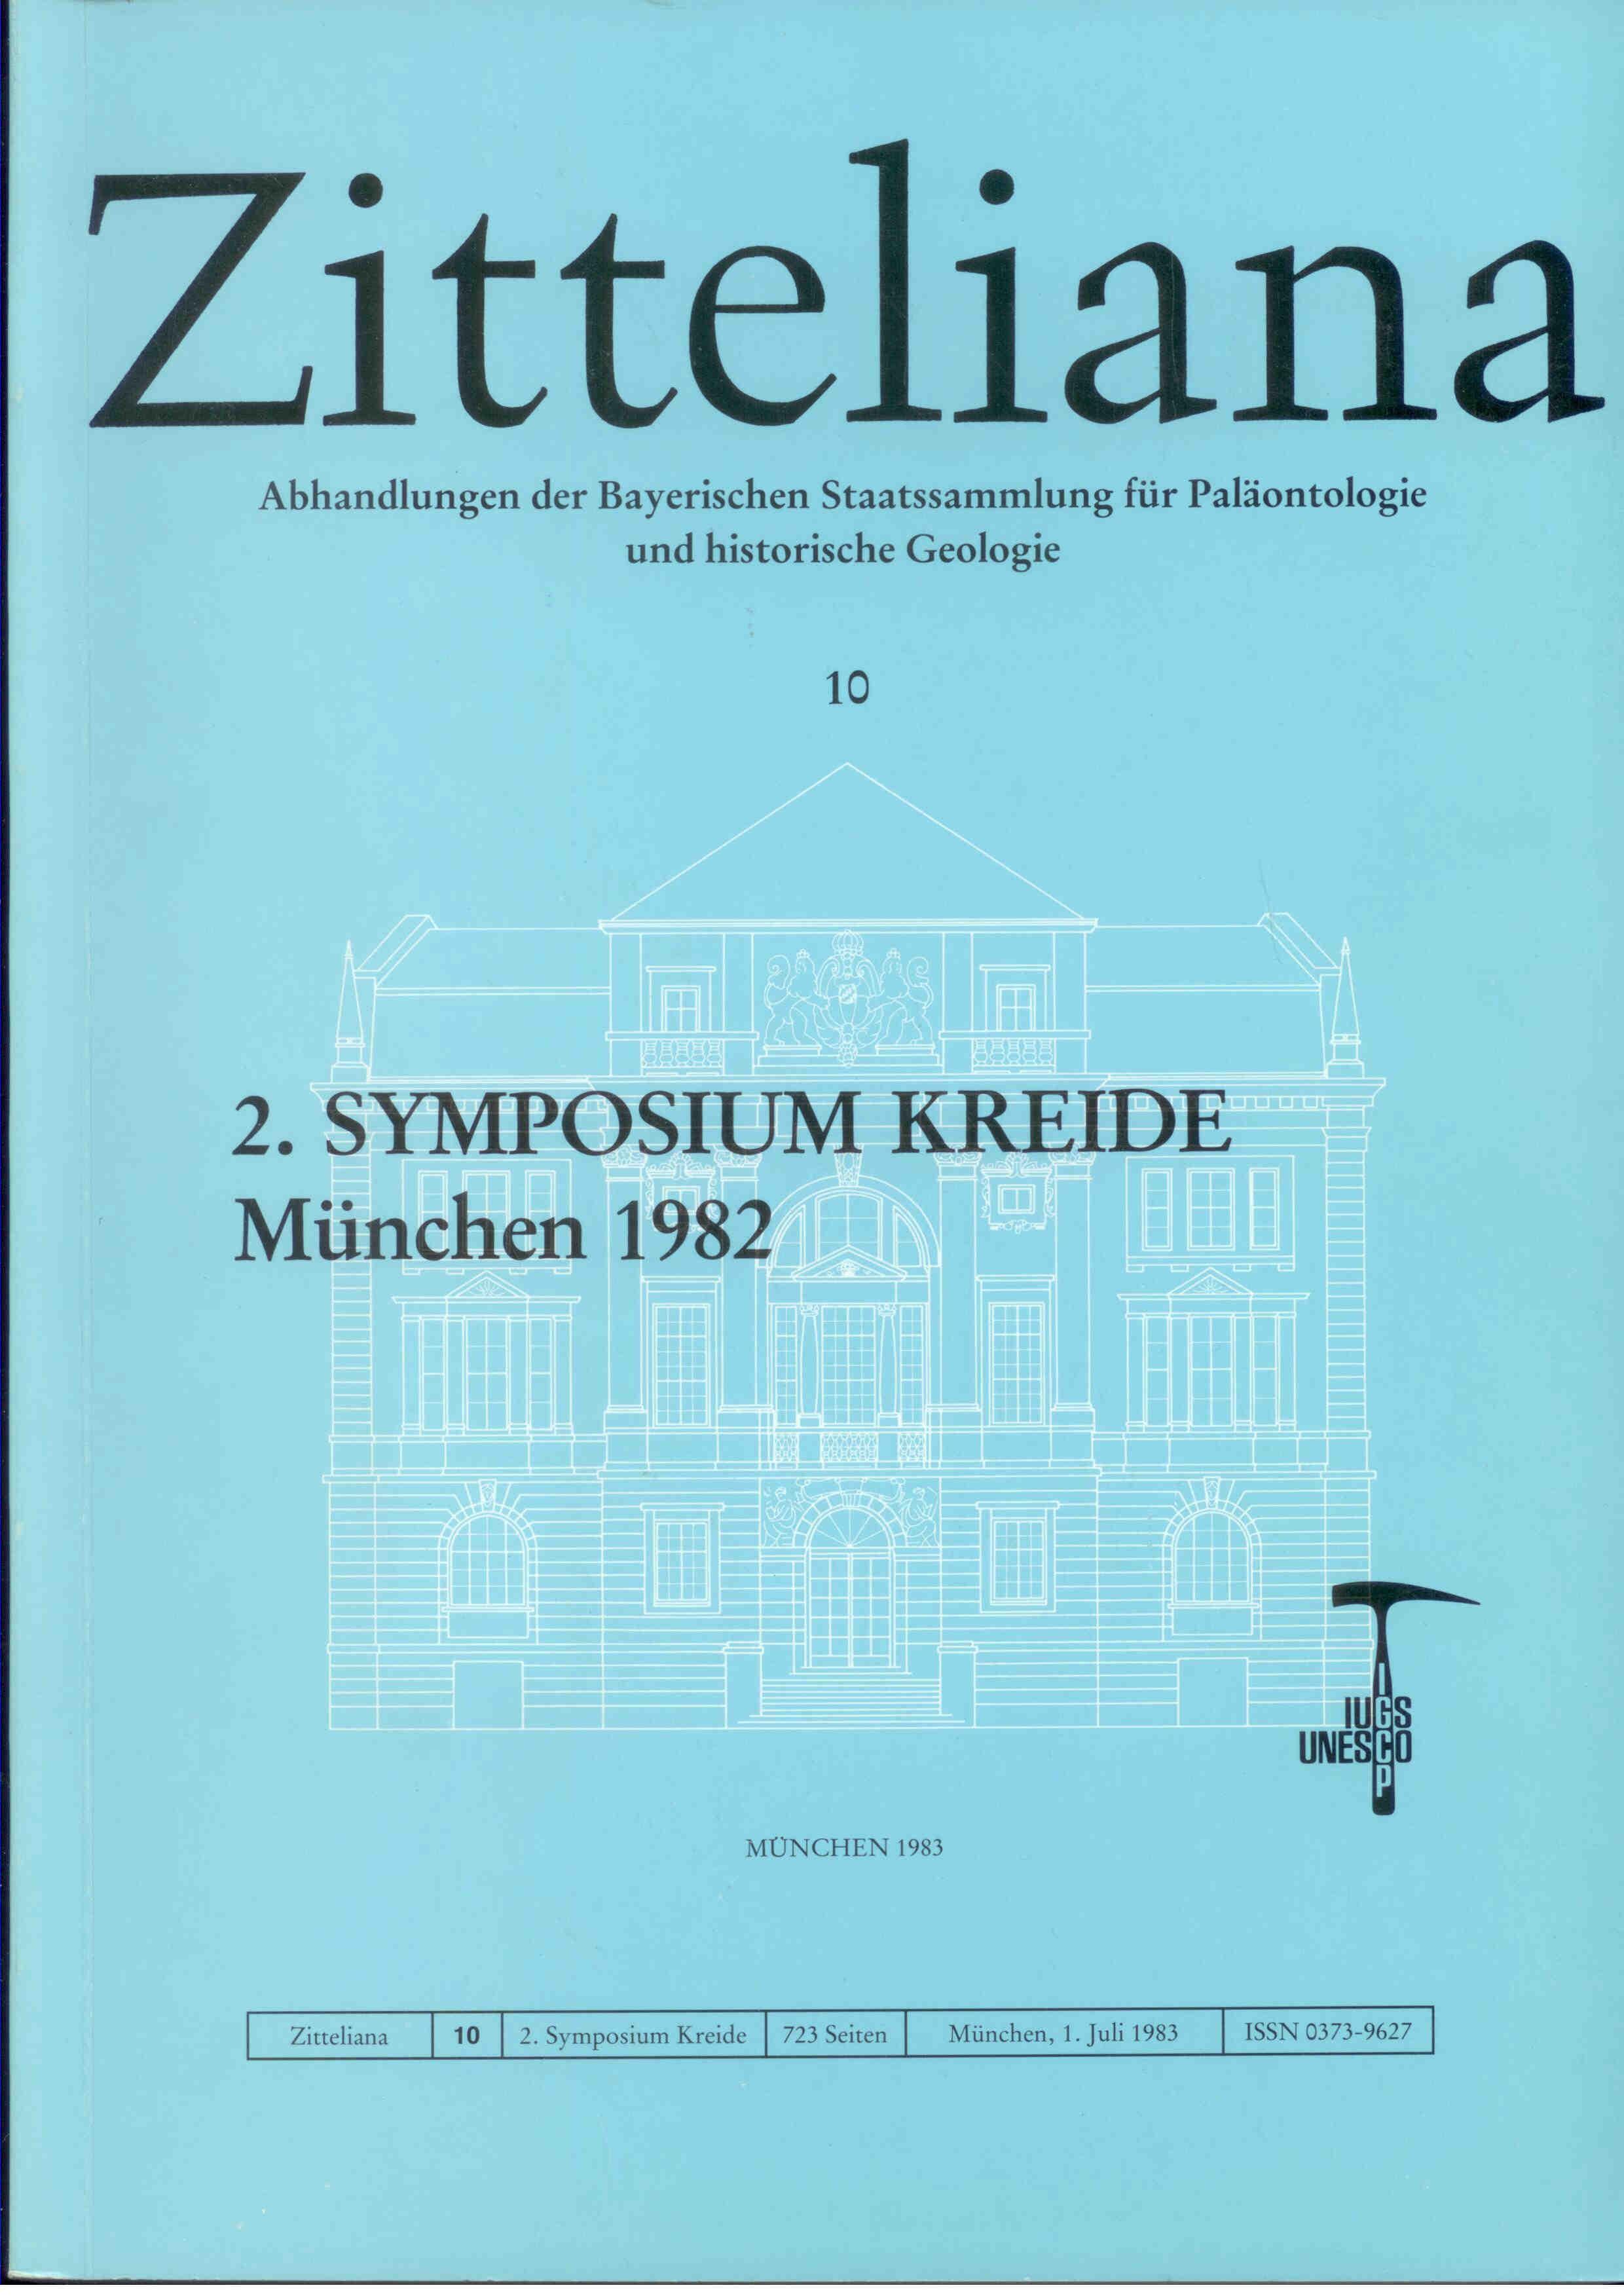 Herm D.: 2. Symposium Kreide München 1982. ZITTELIANA 10